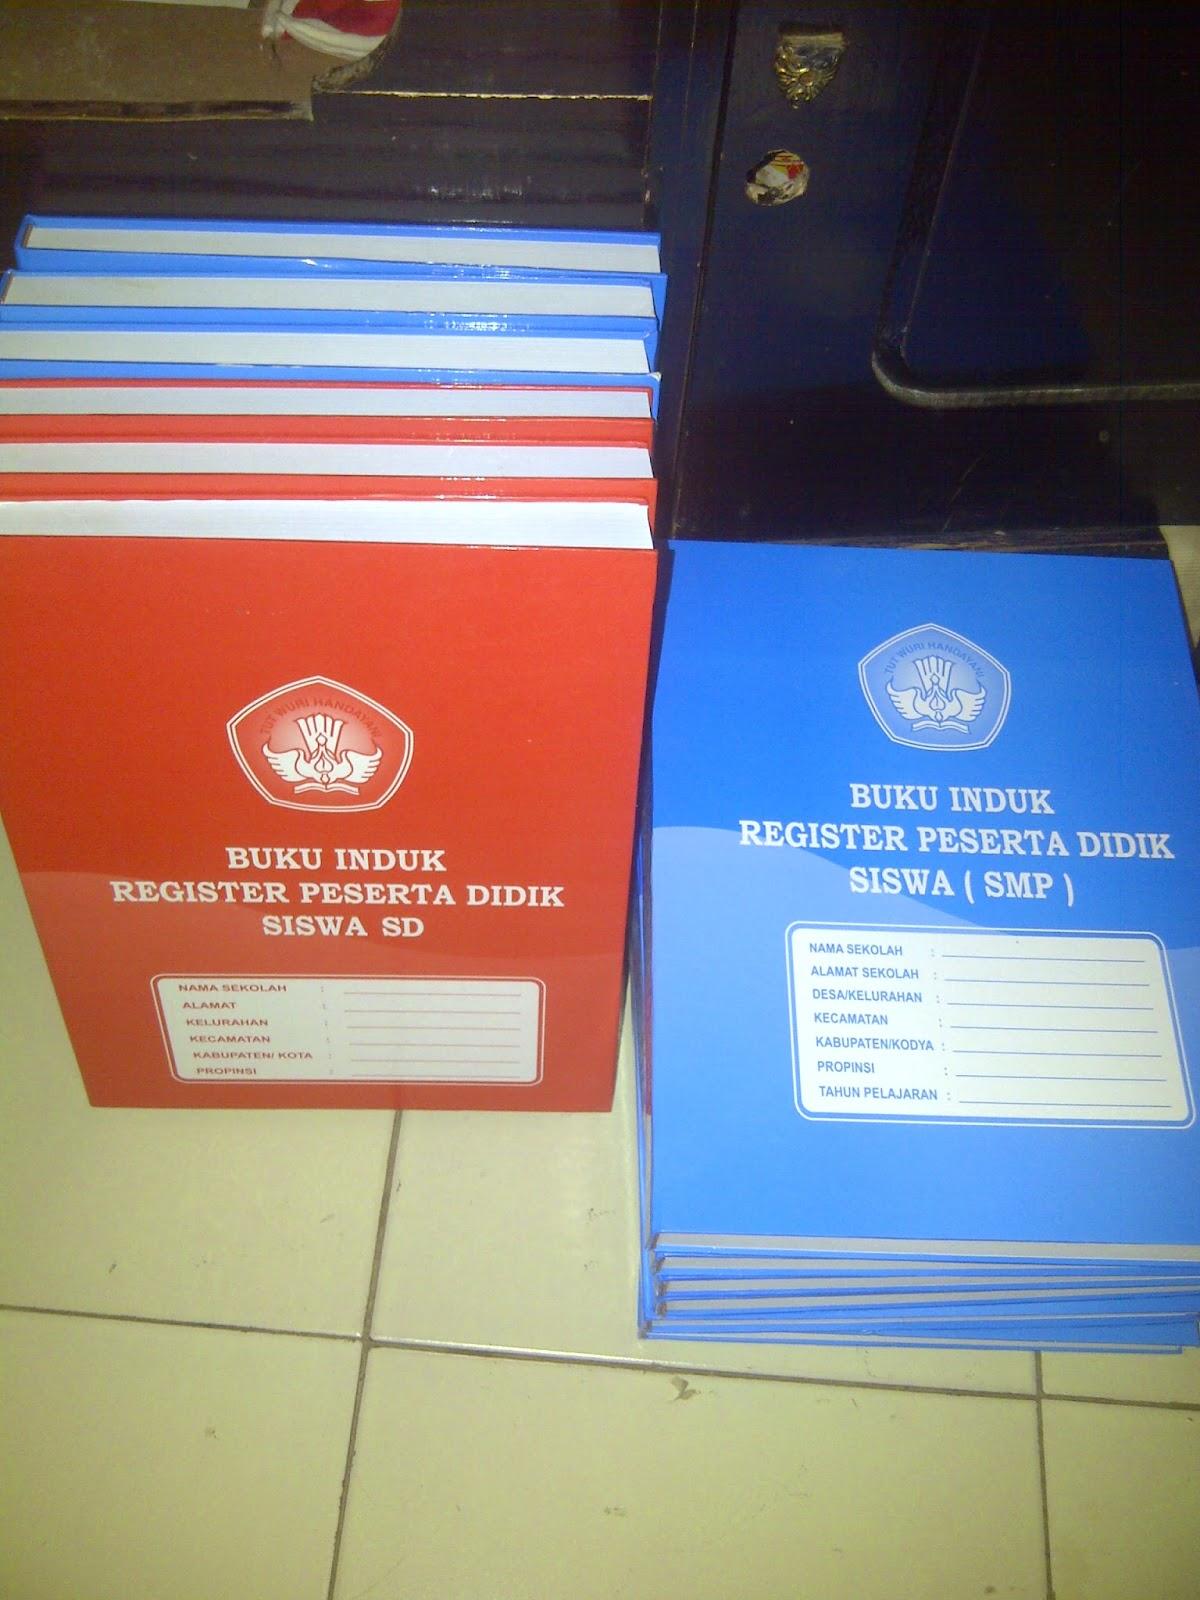 Jual Buku Induk, Buku Administrasi Sekolah, Administrasi kepala Sekolah, RPP Kurikulum KTSP & 2013 Untuk SD/MI/SMP/MTs/SMA/SMK Lengkap. Juga Tersedia Dalam Bentuk CD